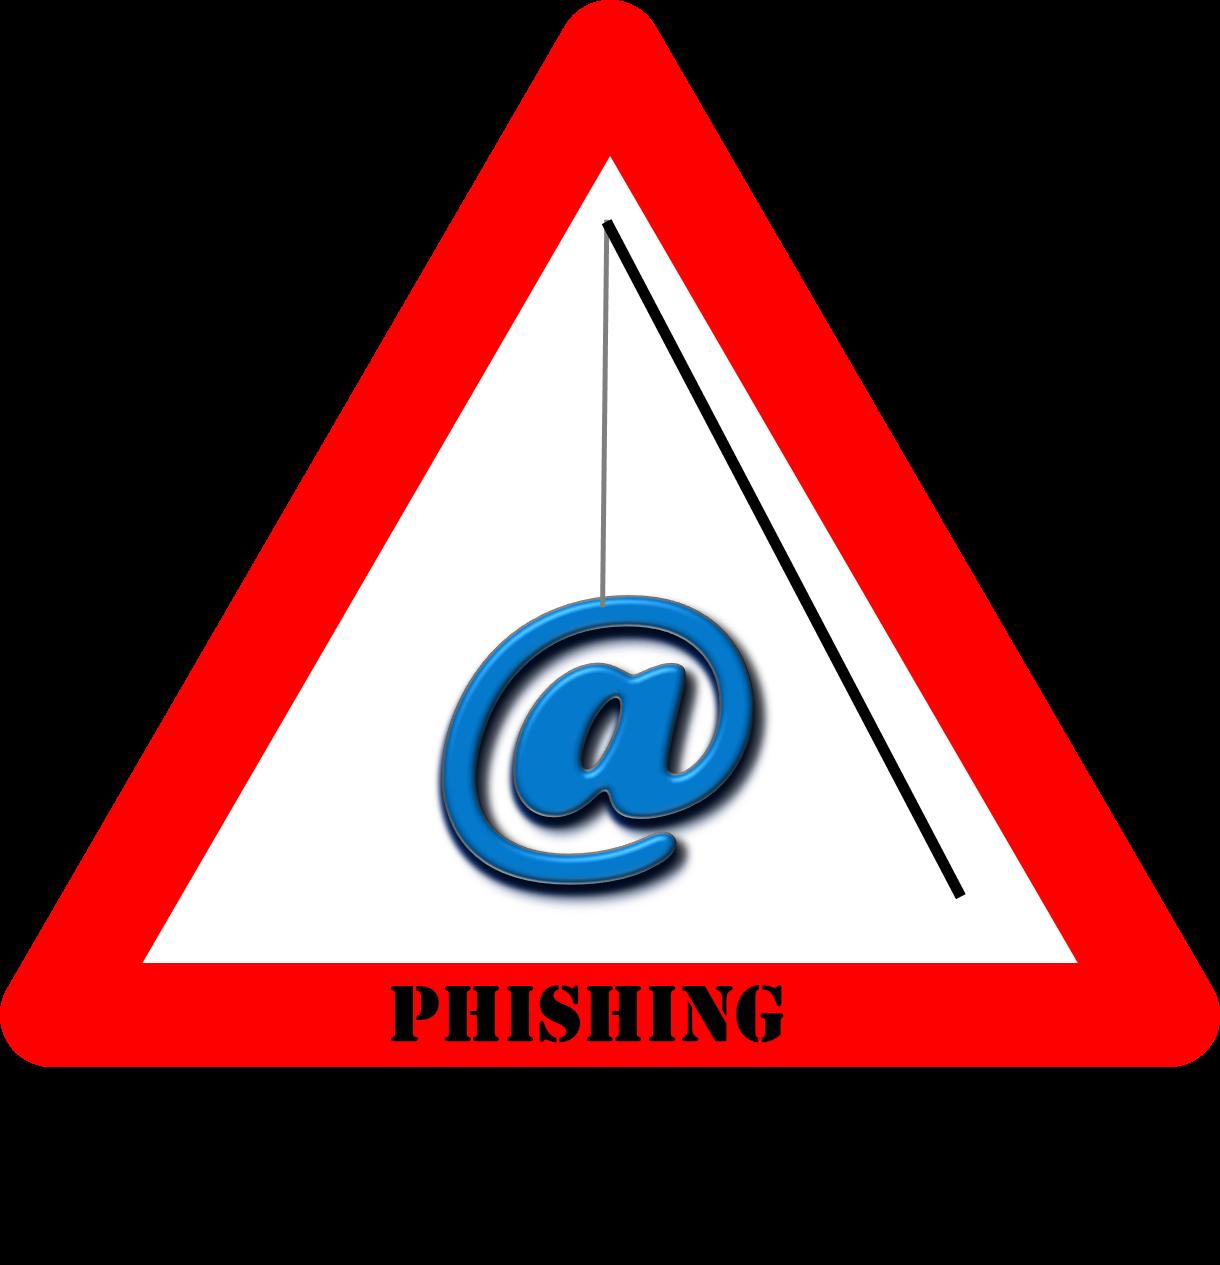 Warning Sign For Phishing